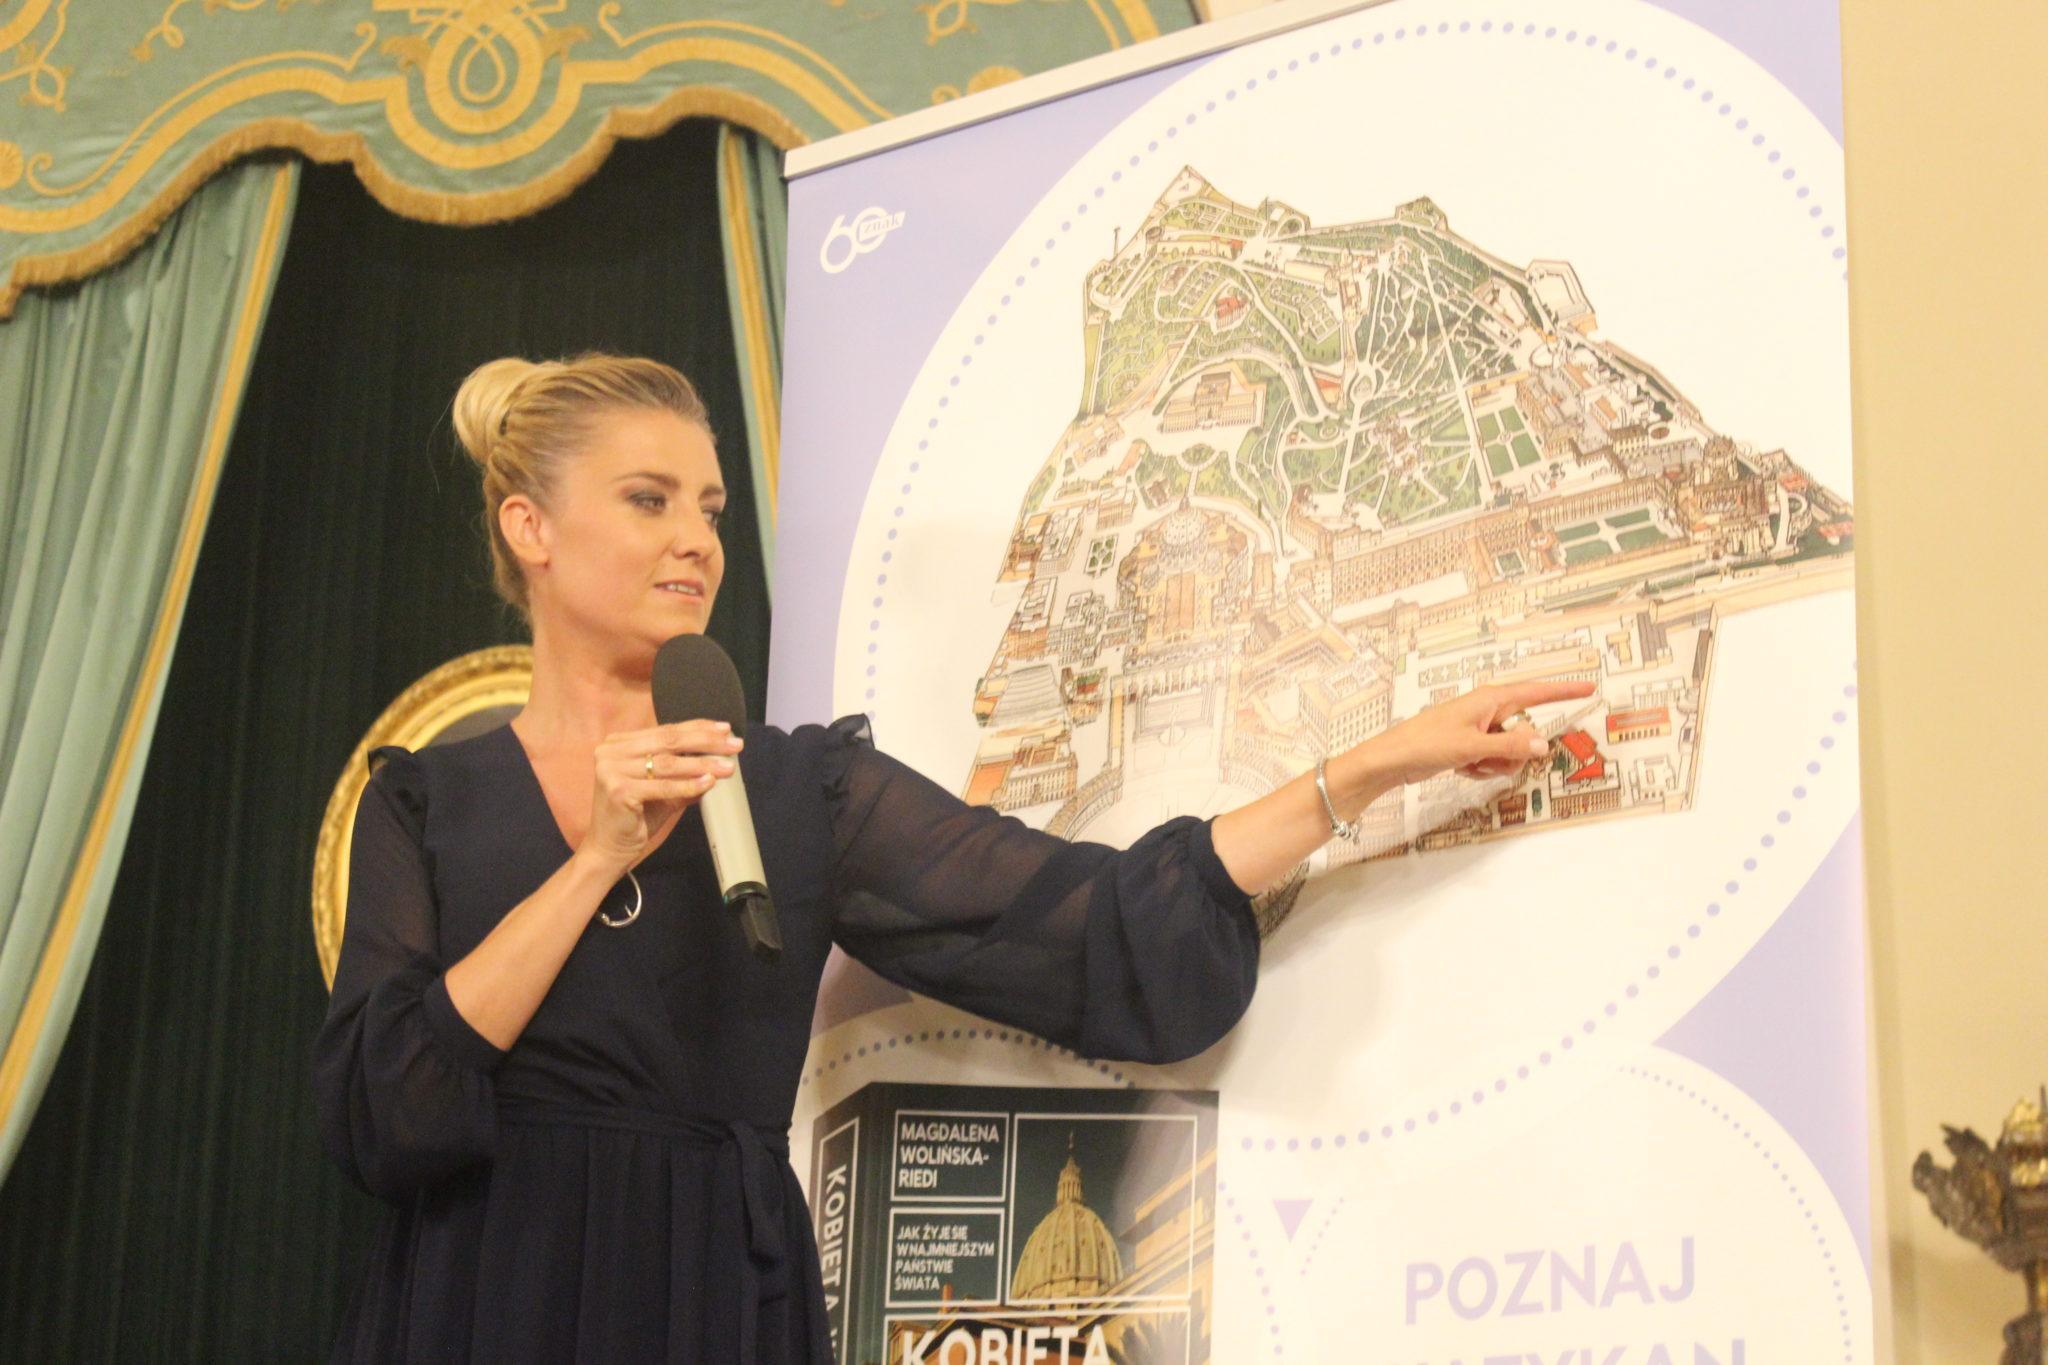 """Magdalena Wolińska-Riedi podczas premiery książki """"Kobieta w Watykanie"""" w Zamku Królewskim w Warszawie, fot. misyjne.pl"""